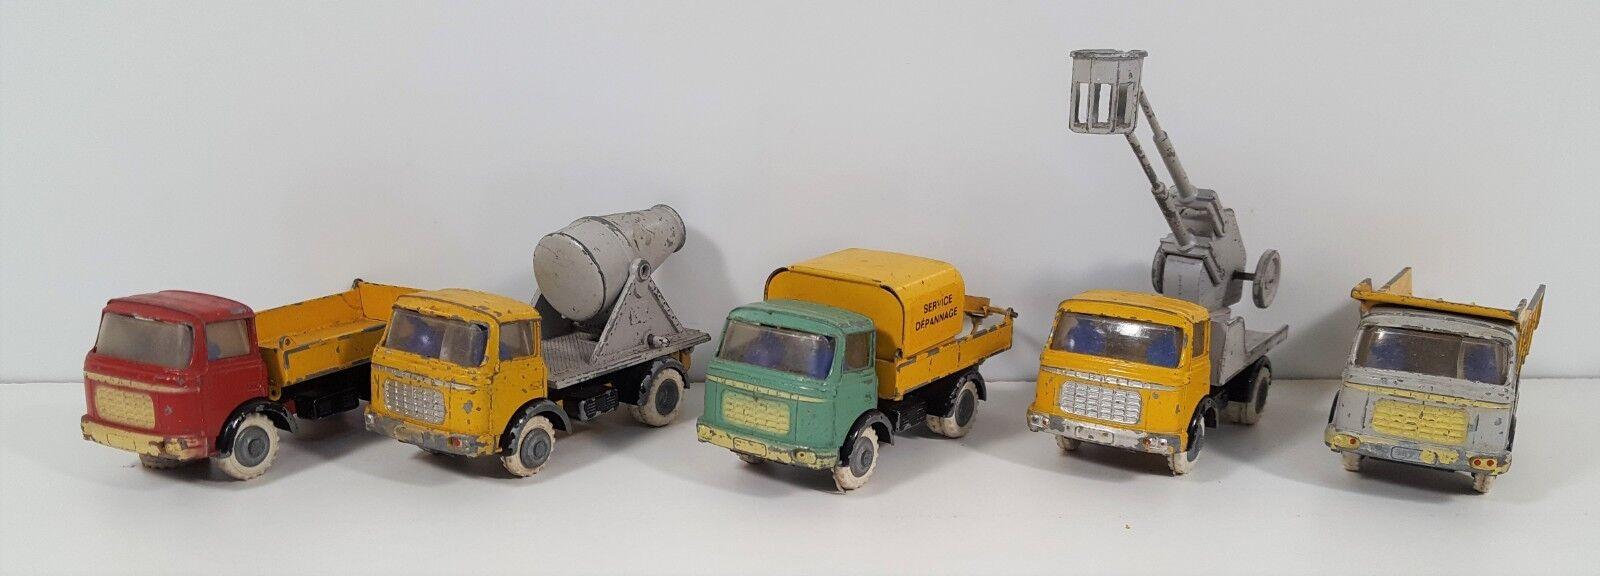 nuevo sádico Lote de 5 5 5 vehículos industriales. Metal. Berliet. Esc . fabricado en Francia alrededor de 195  tienda en linea